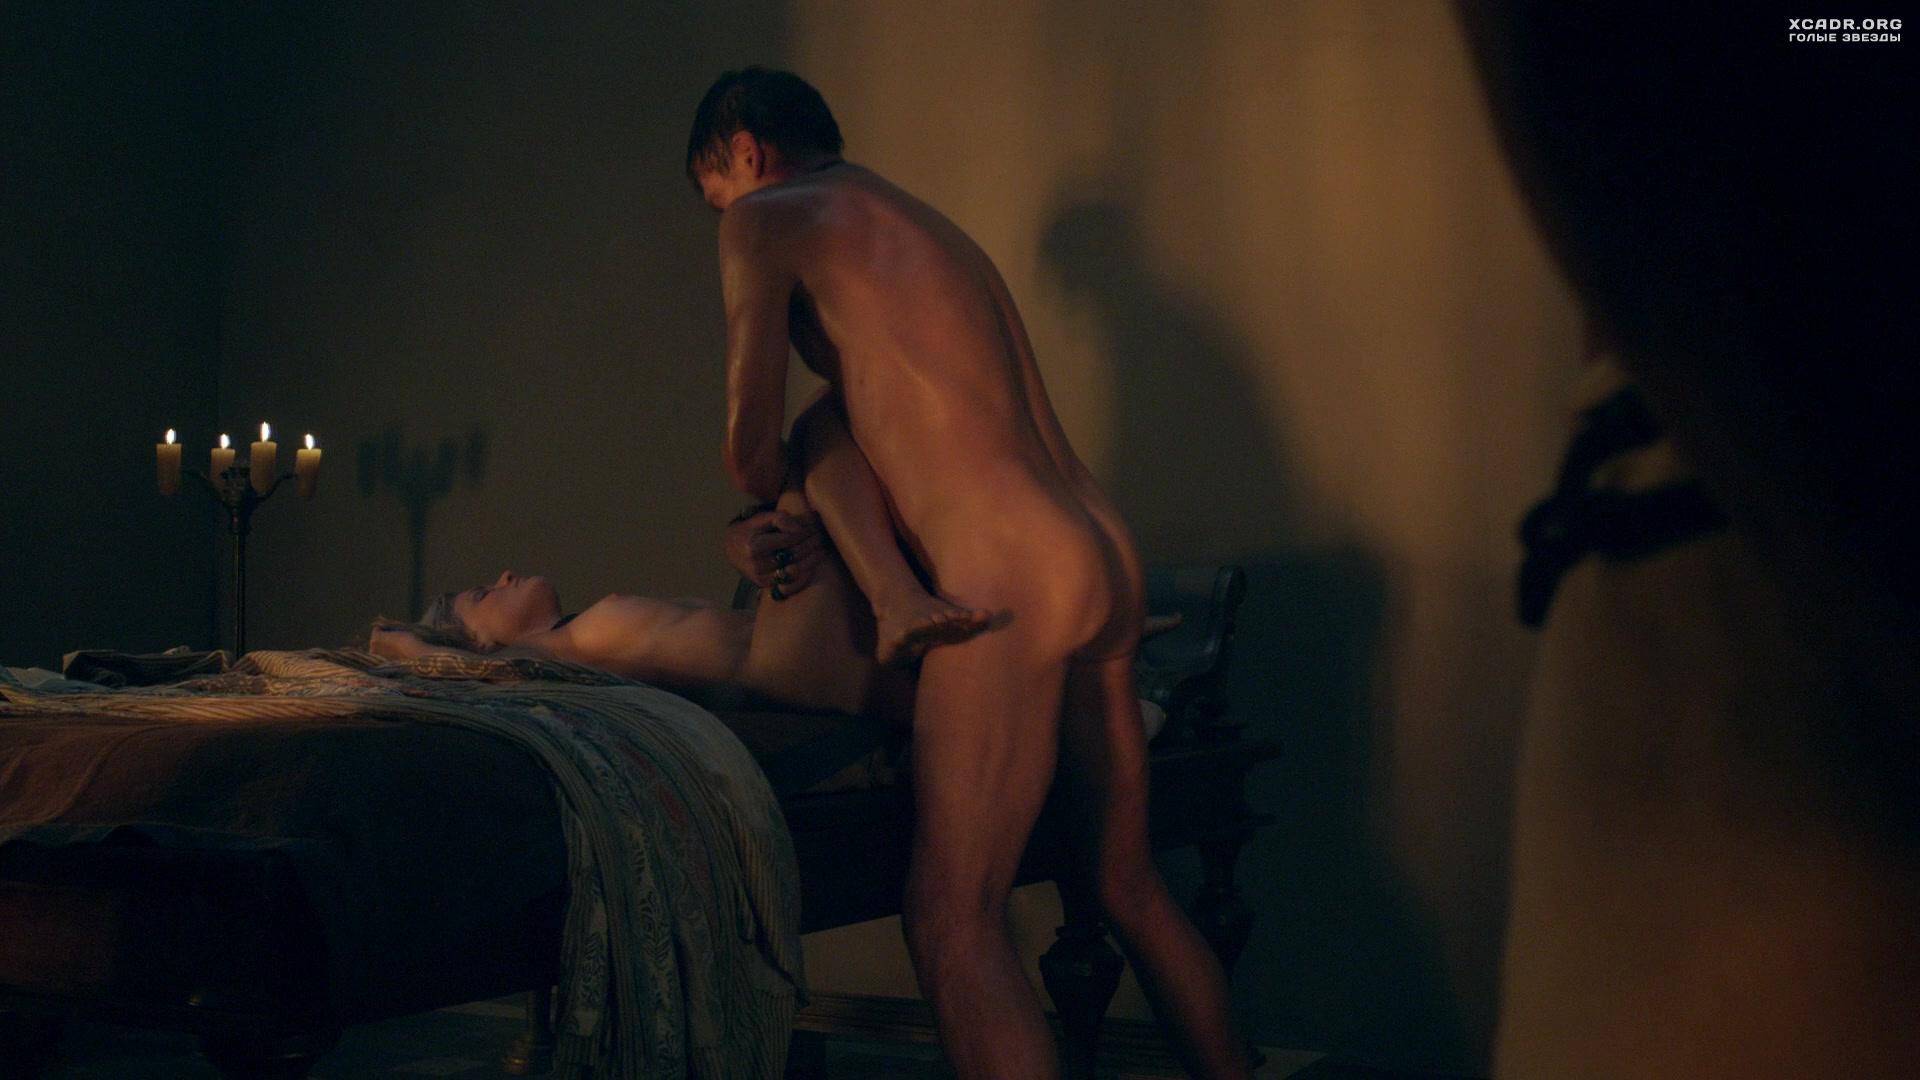 знала что откровенная эротика в кино фрагменты английском